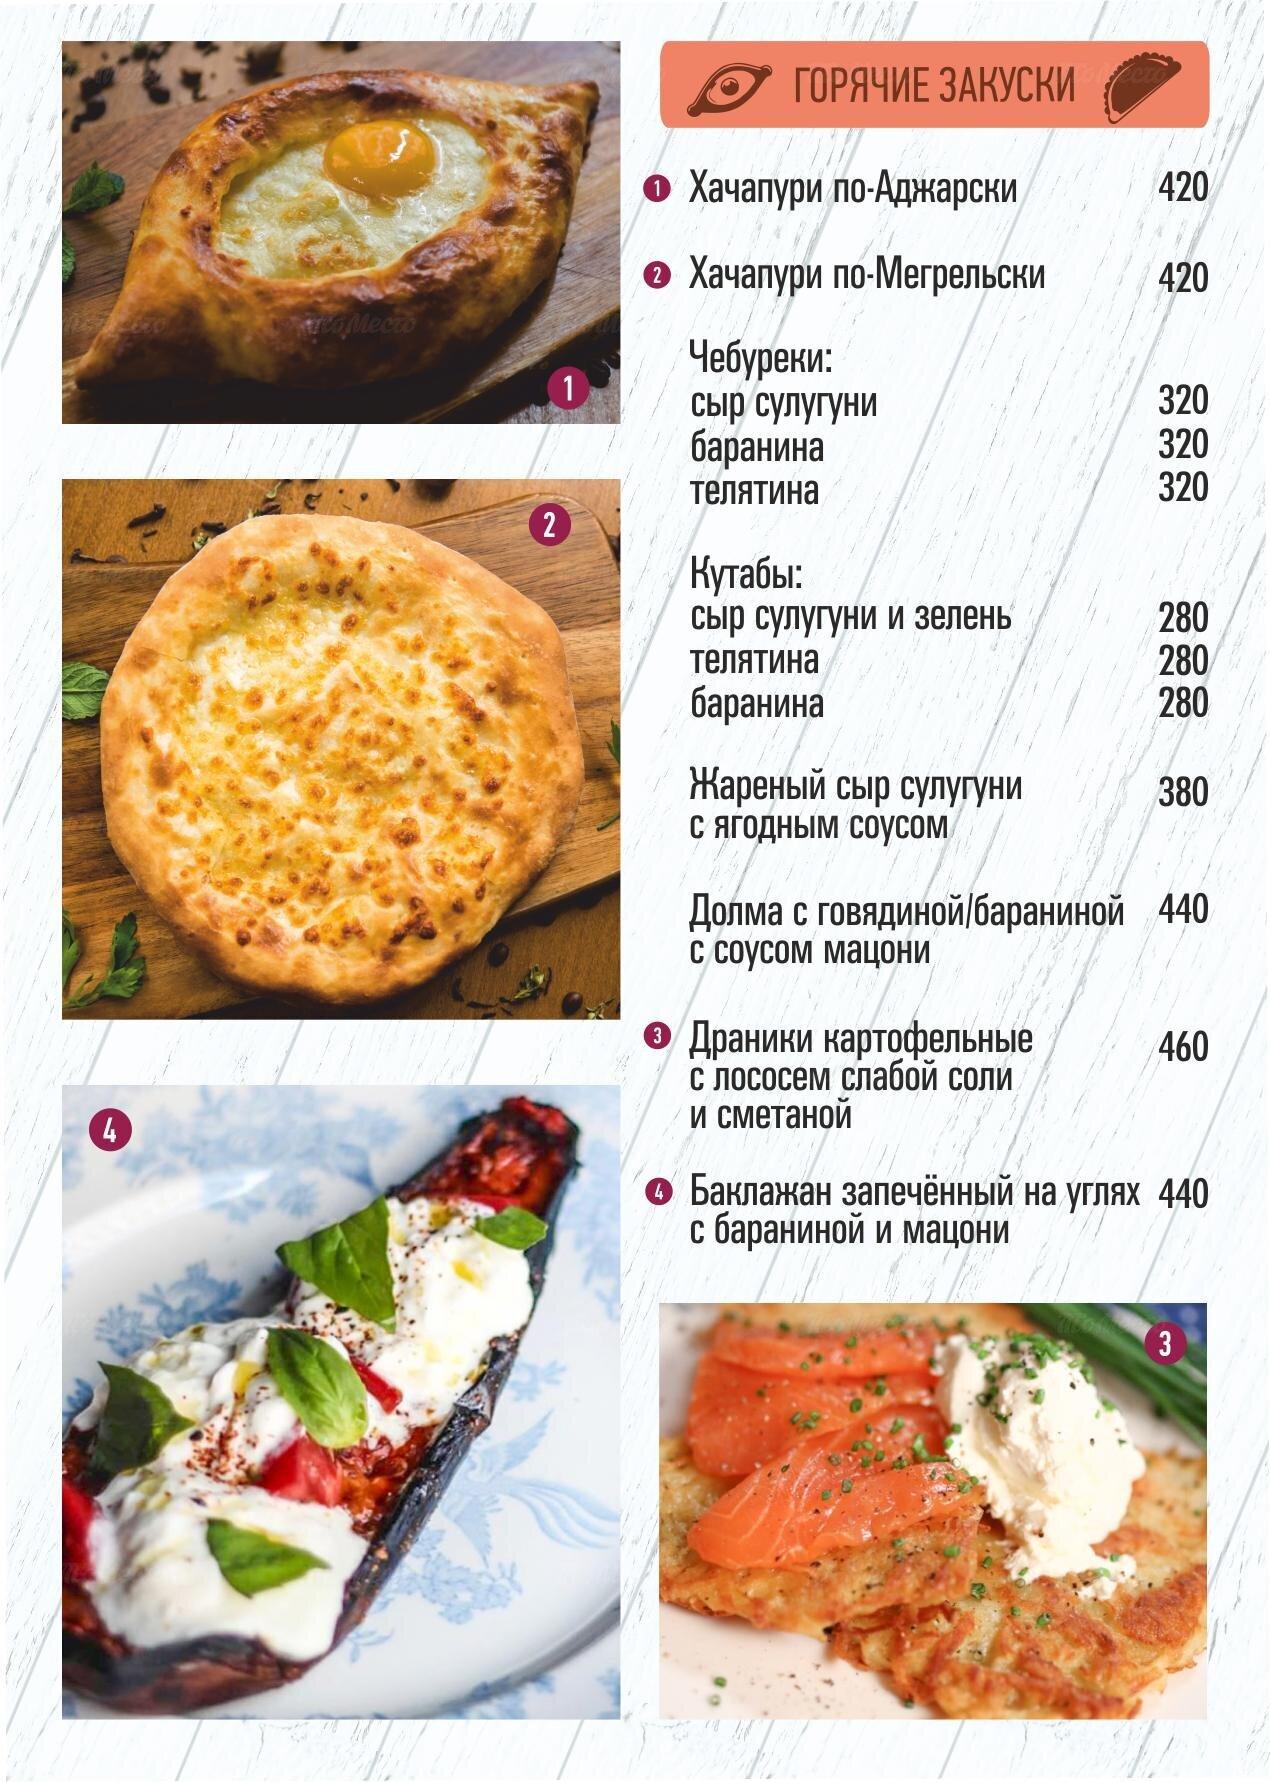 Меню ресторана Мускат на Камышовой улице фото 3